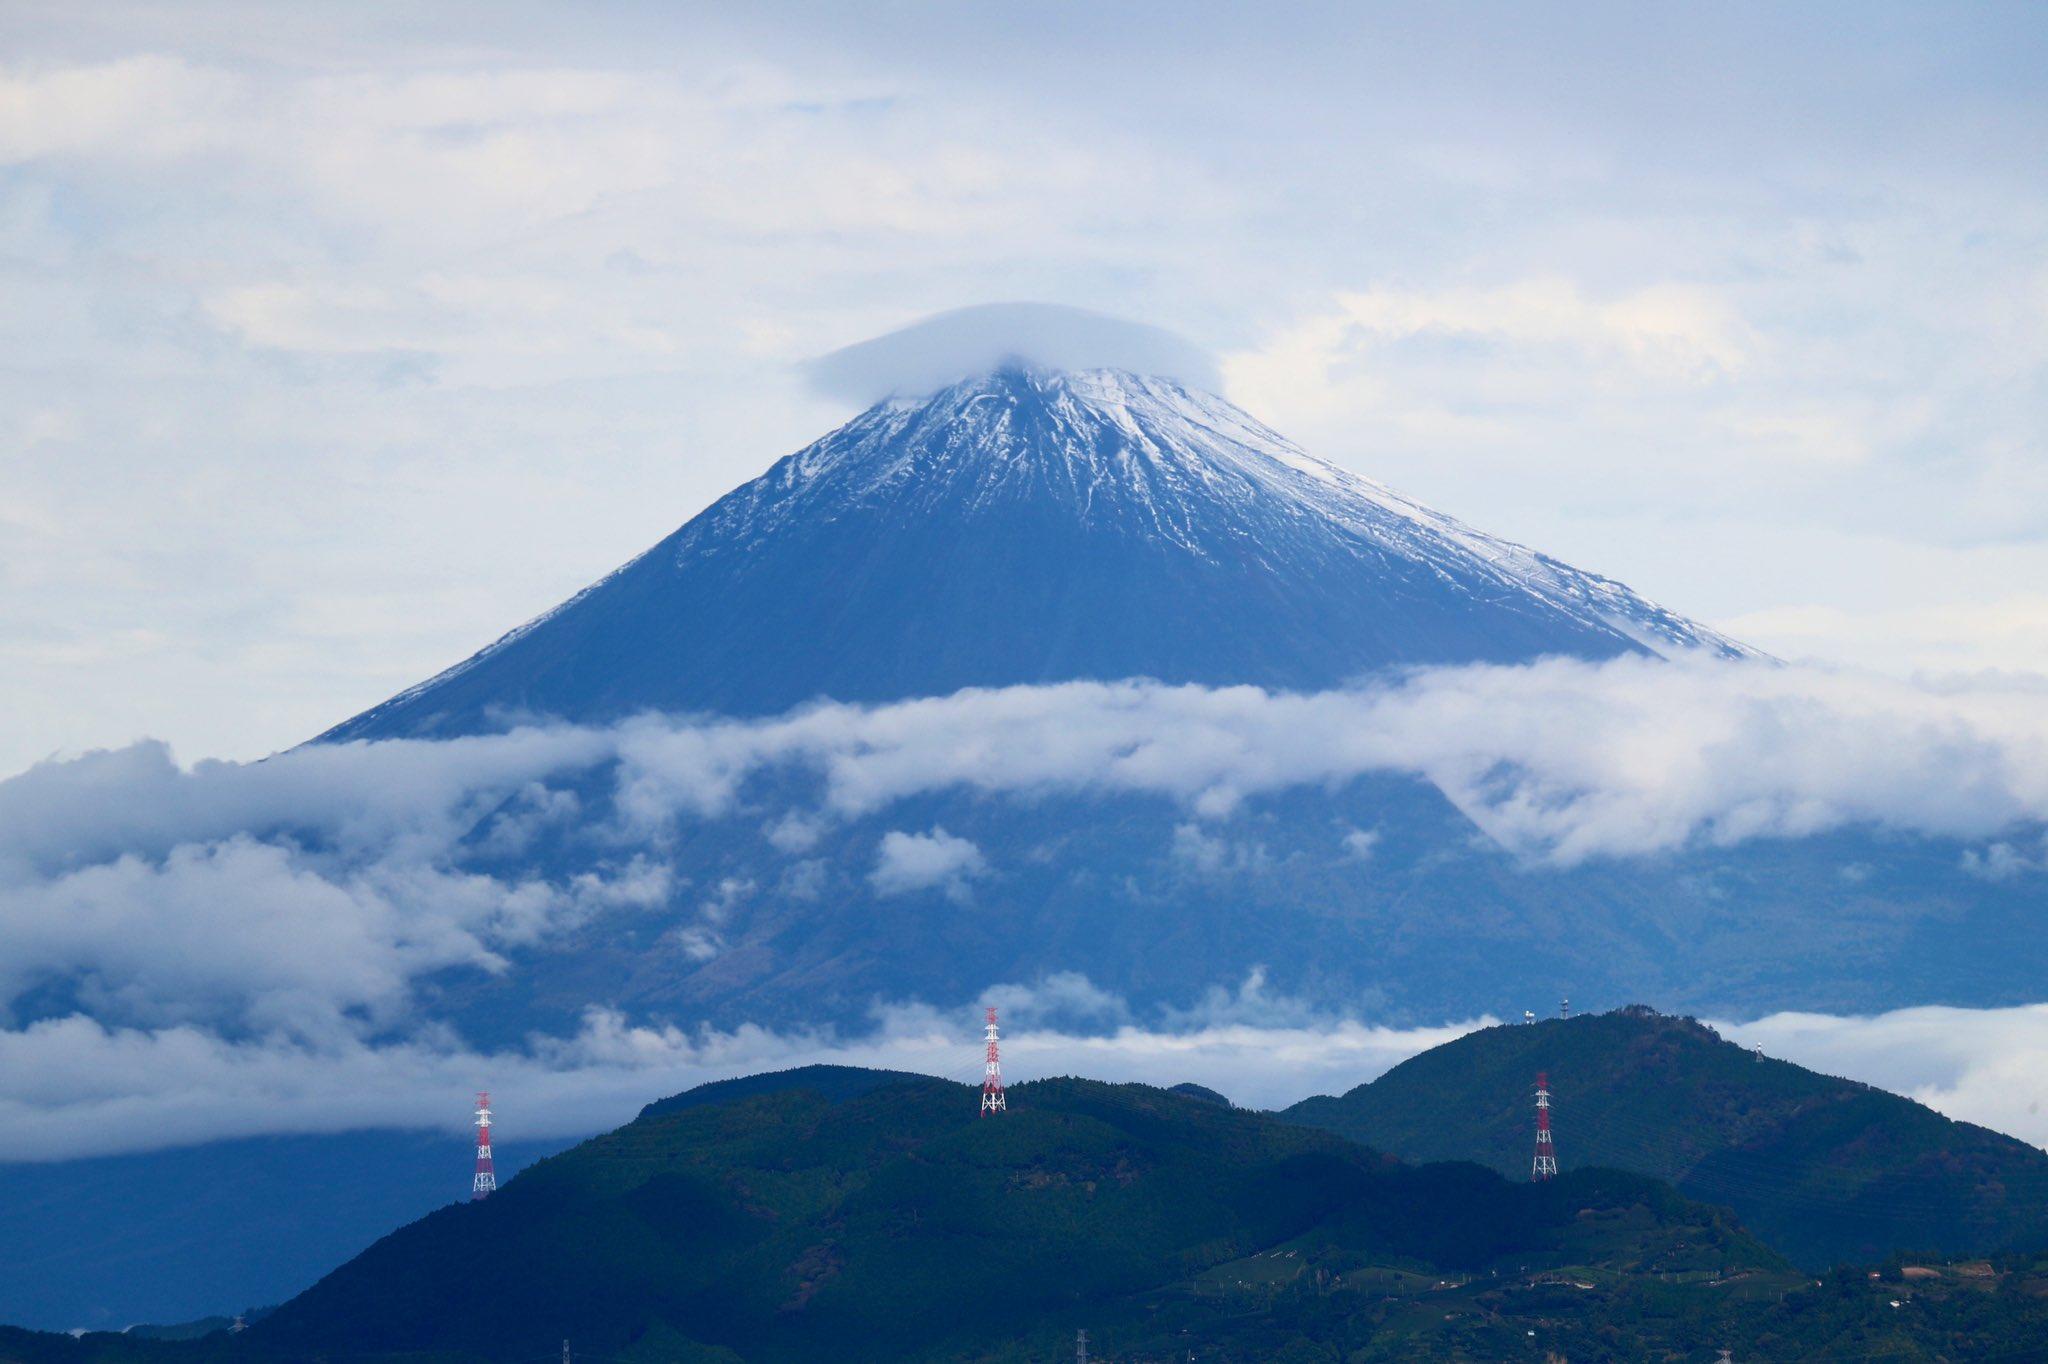 即位礼正殿の儀に合わせるように晴れました。しかも初冠雪‼️ #今の富士山